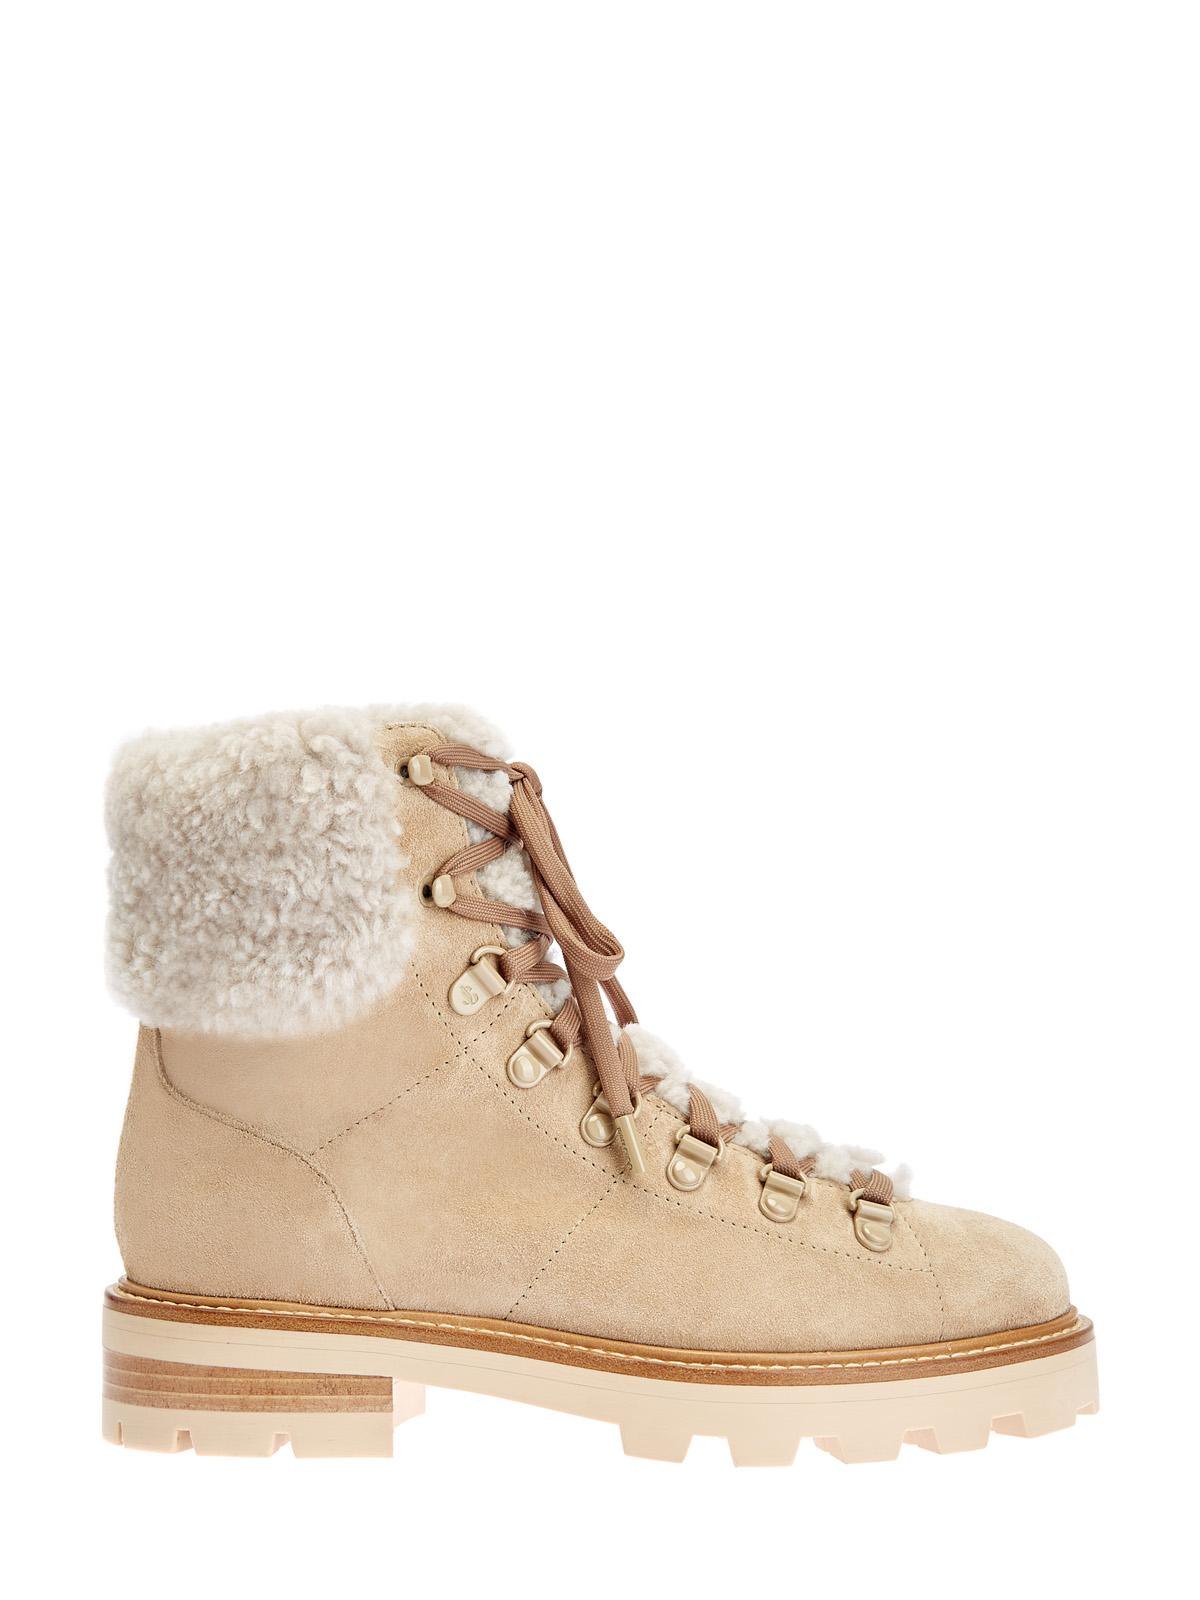 Замшевые ботинки Eshe с отделкой из натуральной овчины